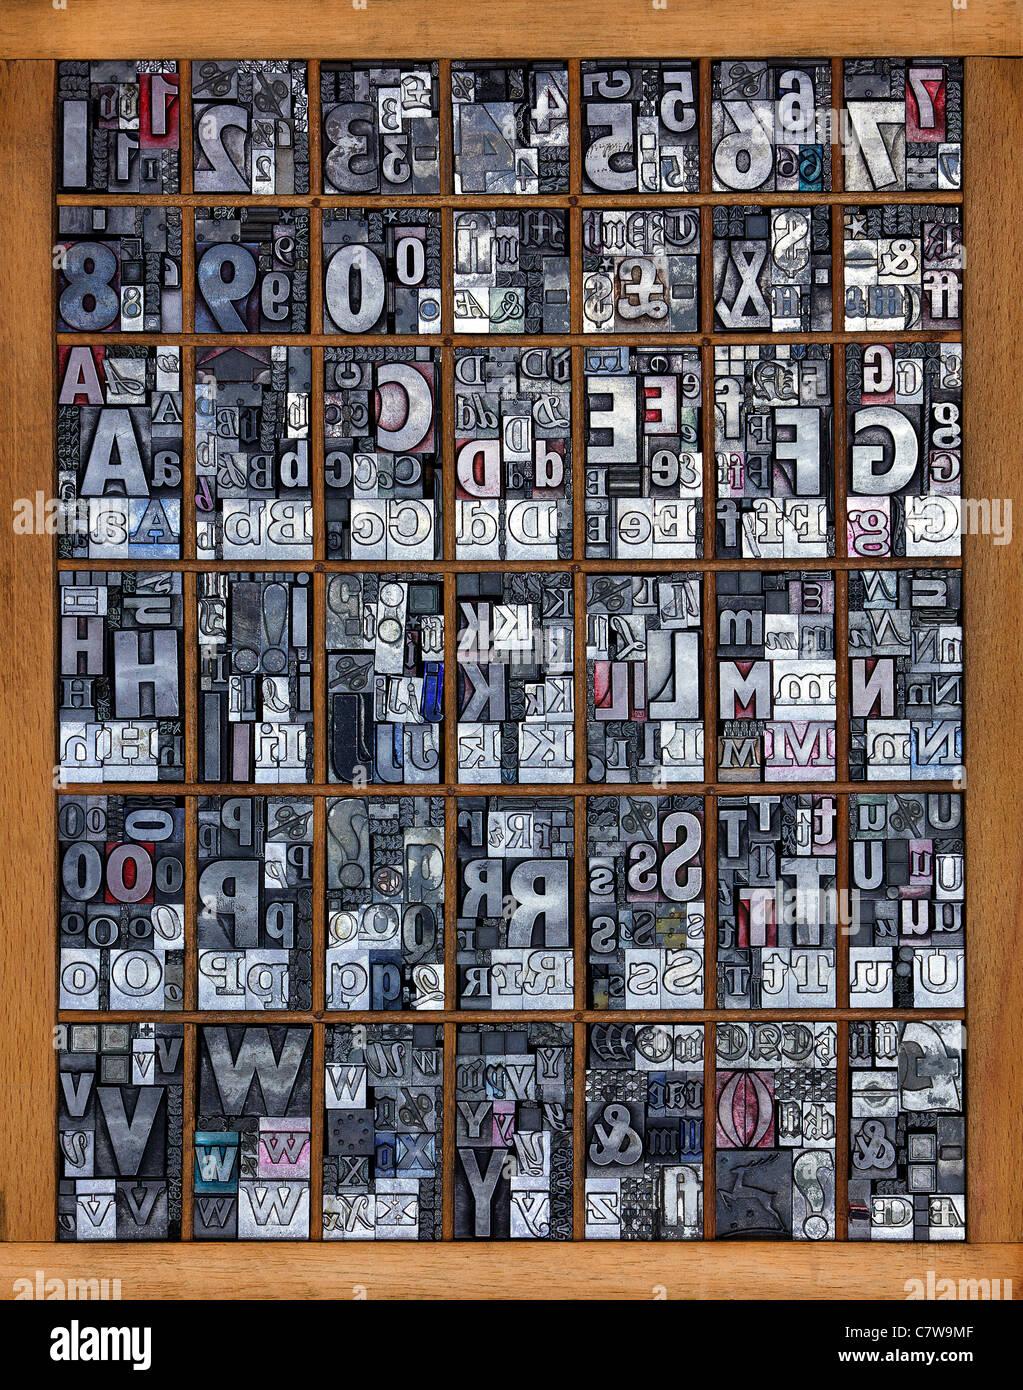 Photo d'un bac d'impression pleine de vieux métal utilisé en typographie, polices mixtes Photo Stock